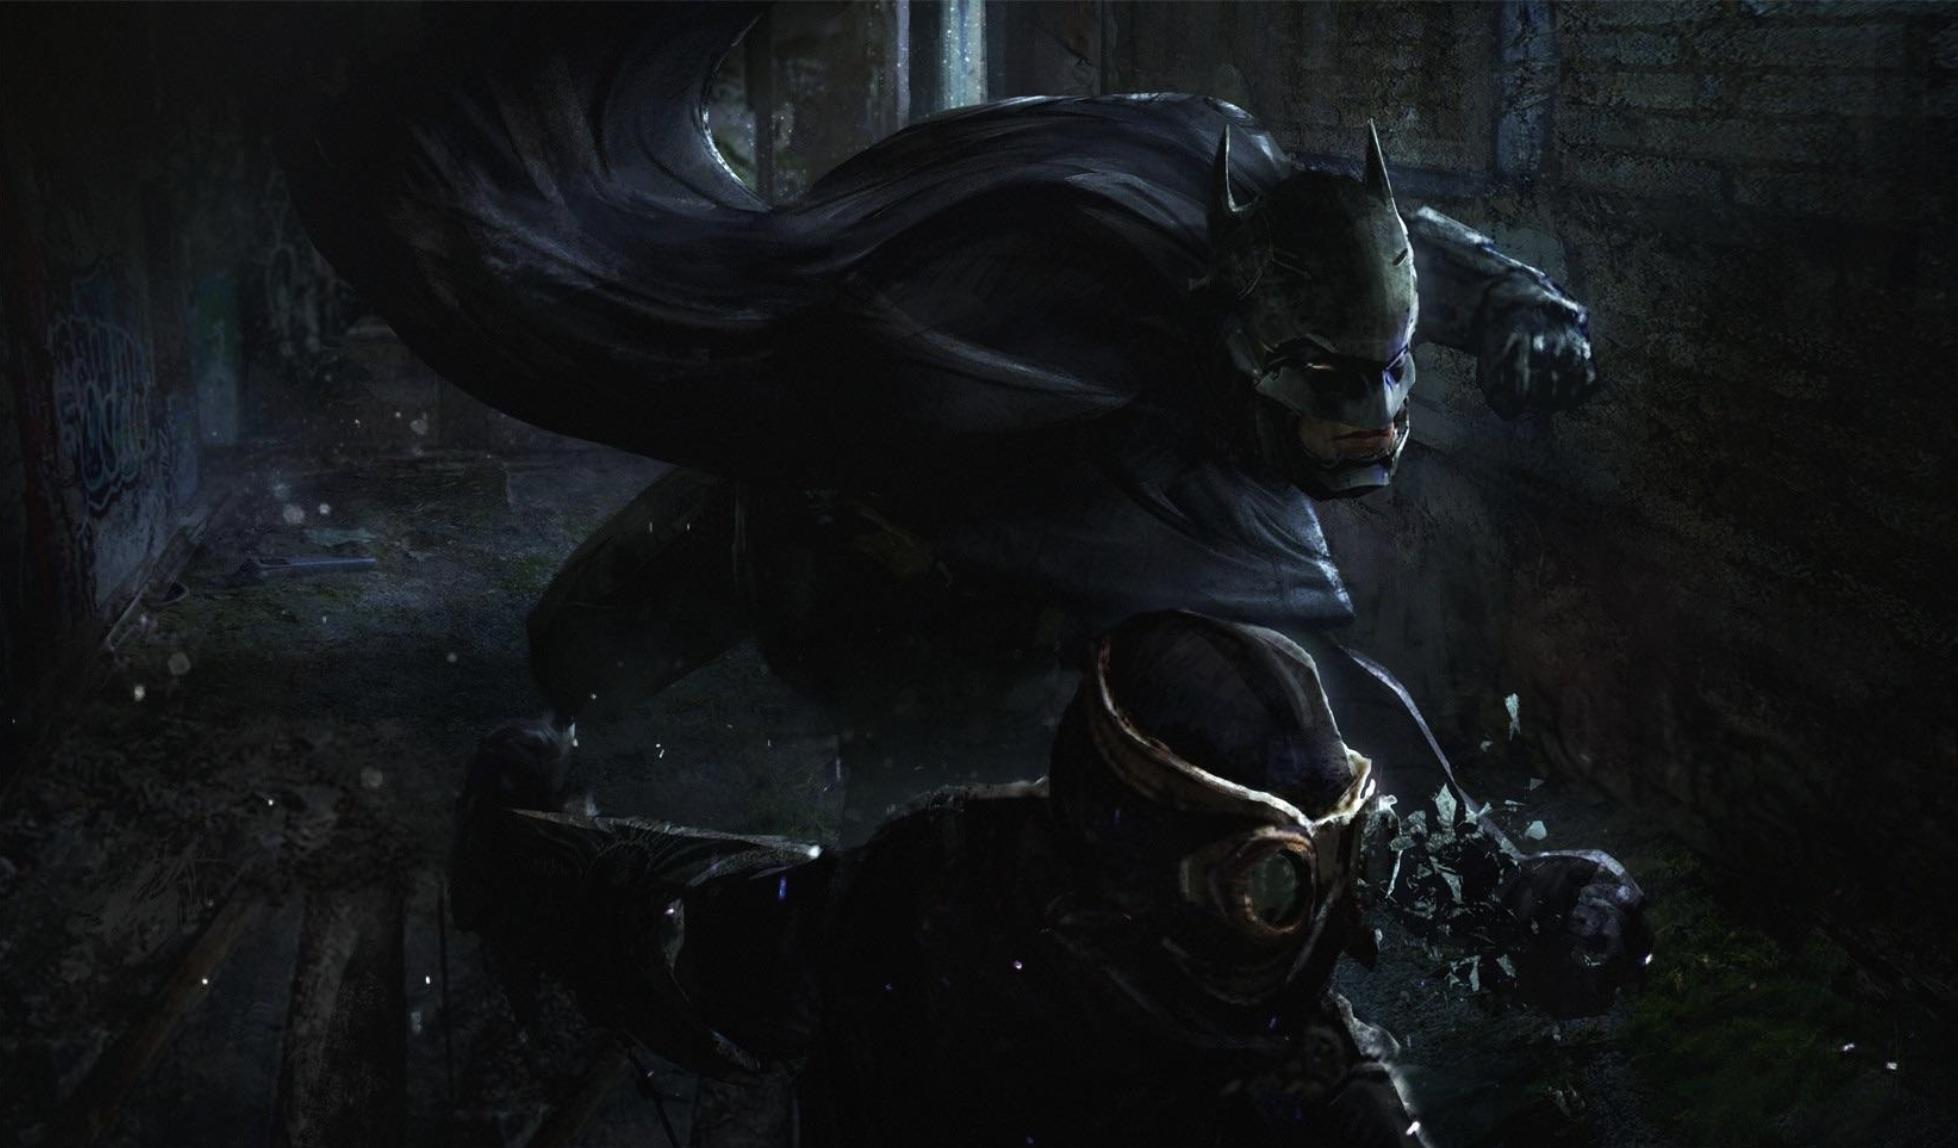 蝙蝠侠新作 《蝙蝠侠:猫头鹰法庭》 概念原画疑似曝光